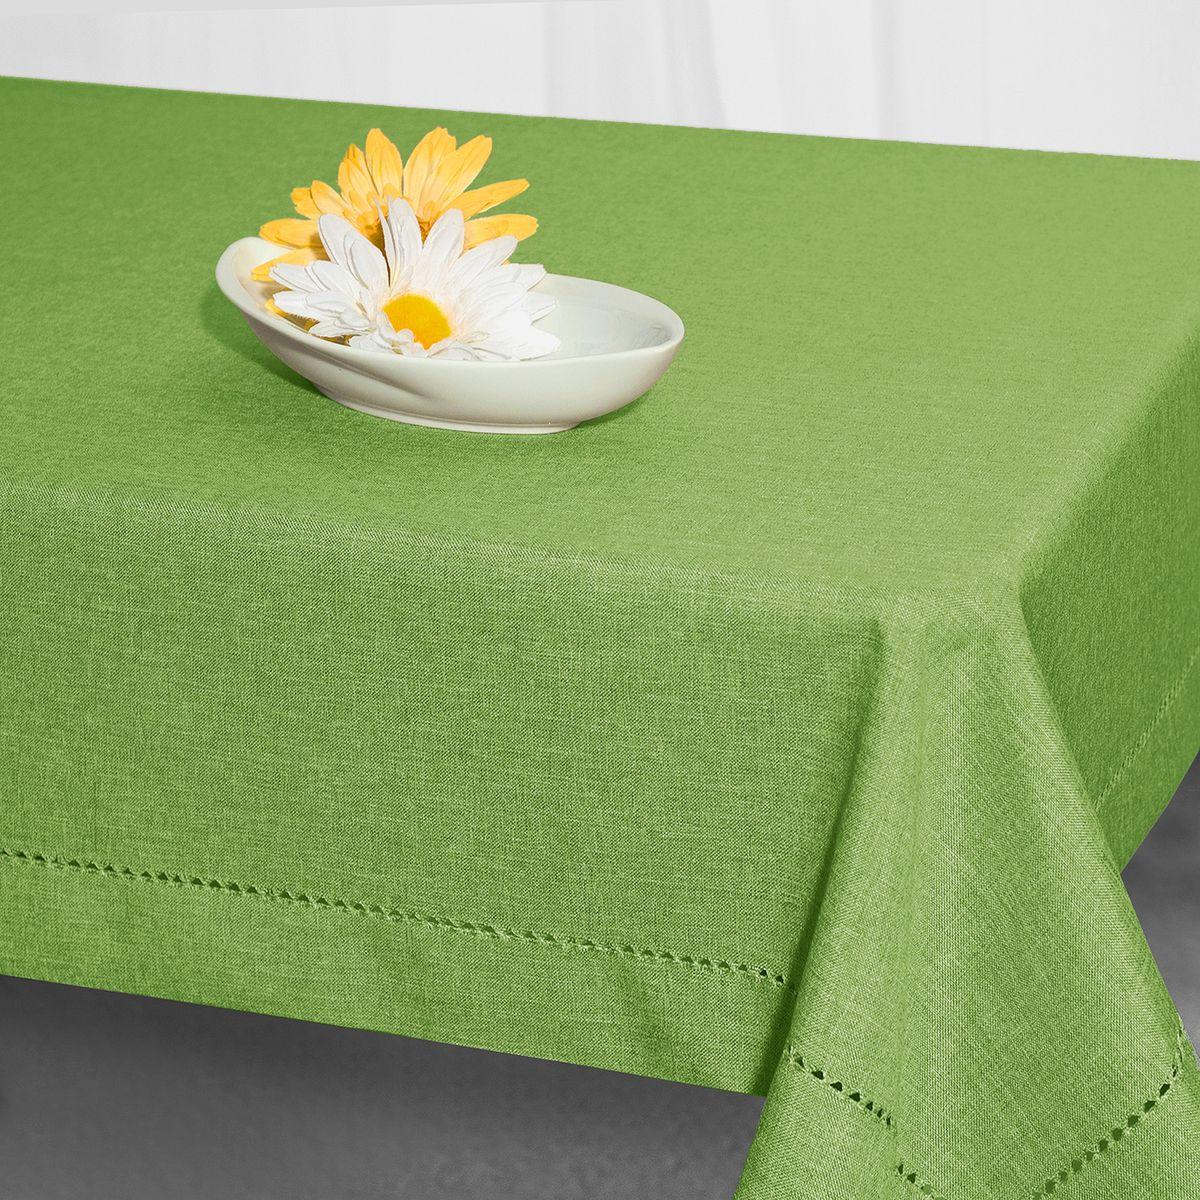 Скатерть Schaefer, прямоугольная, цвет: зеленый, 130 x 170 см. 07602-429VT-1520(SR)Стильная скатерть Schaefer выполнена из полиэстера.Изделия из полиэстера легко стирать: они не мнутся, не садятся и быстро сохнут, они более долговечны, чем изделия из натуральных волокон.Немецкая компания Schaefer создана в 1921 году. На протяжении всего времени существования она создает уникальные коллекции домашнего текстиля для гостиных, спален, кухонь и ванных комнат. Дизайнерские идеи немецких художников компании Schaefer воплощаются в текстильных изделиях, которые сделают ваш дом красивее и уютнее и не останутся незамеченными вашими гостями. Дарите себе и близким красоту каждый день!